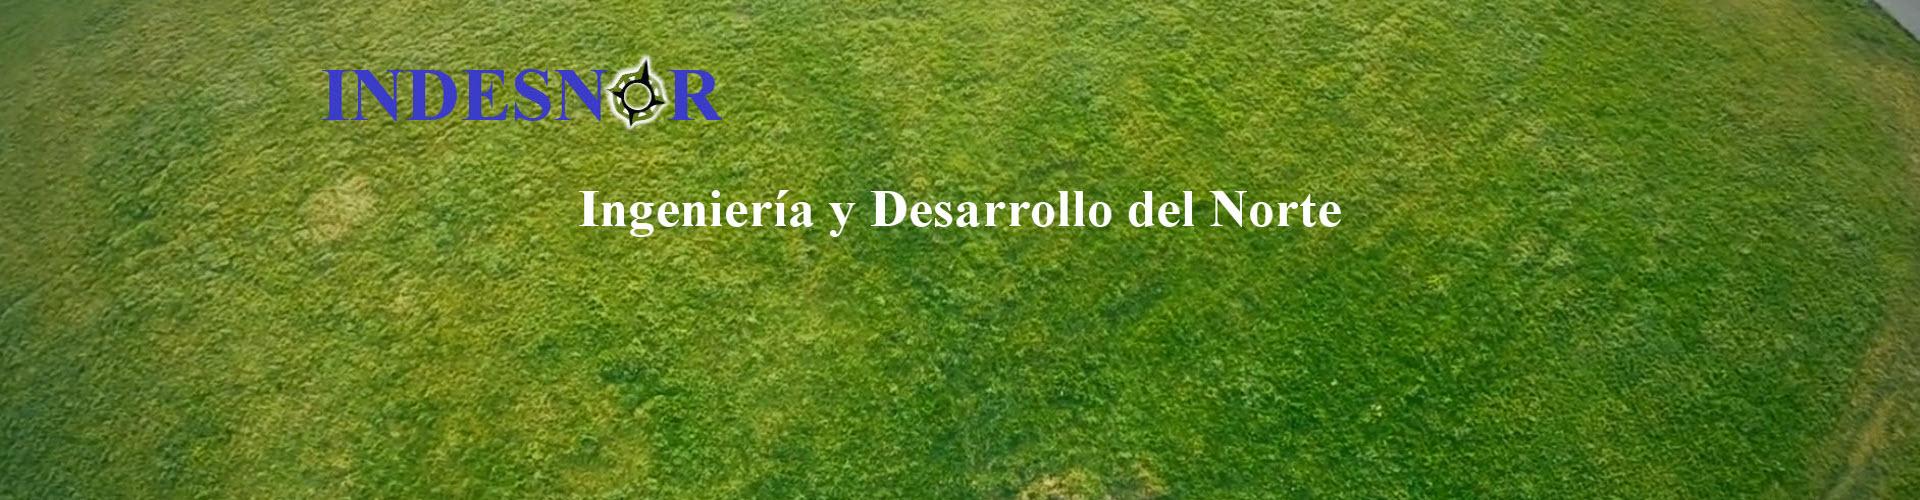 Ingenieria y desarrollo Lugo Indesnor portada biriska.com